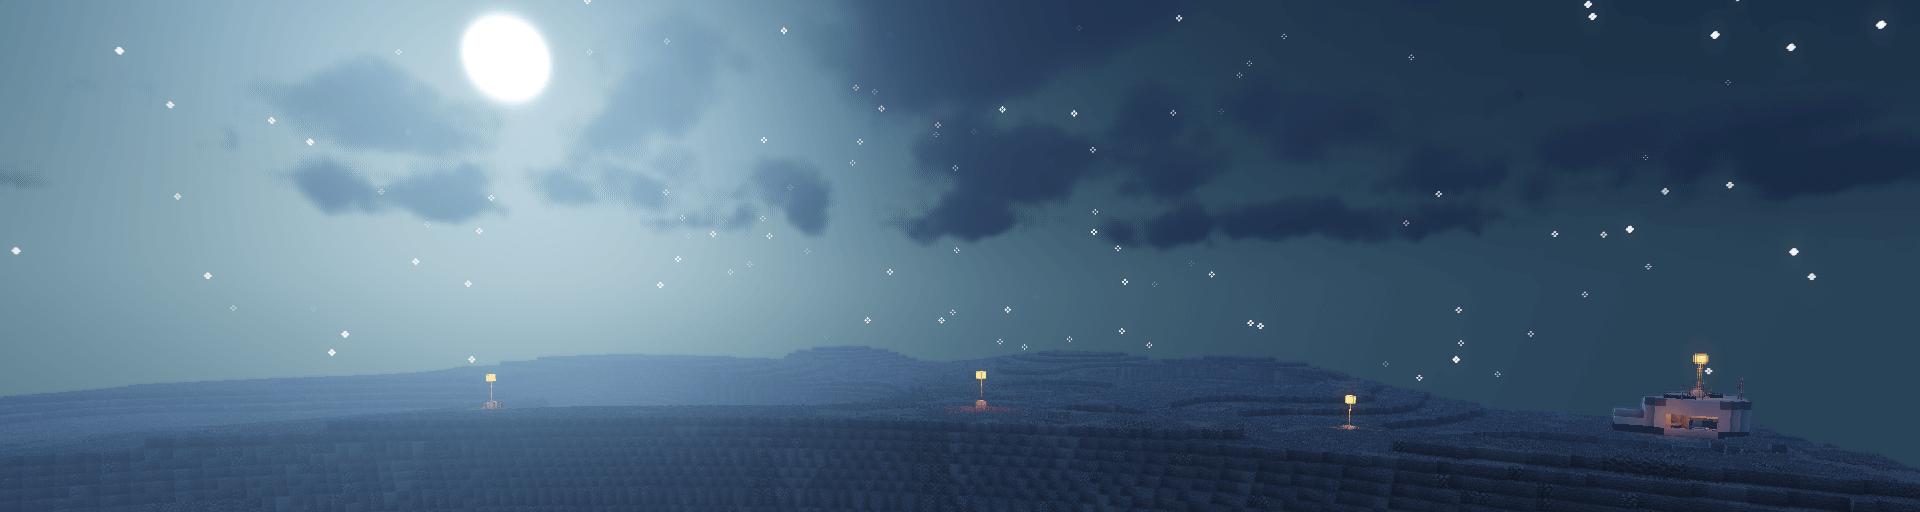 paysage lunaire avec quelques lampadaires au bord d'un cratère